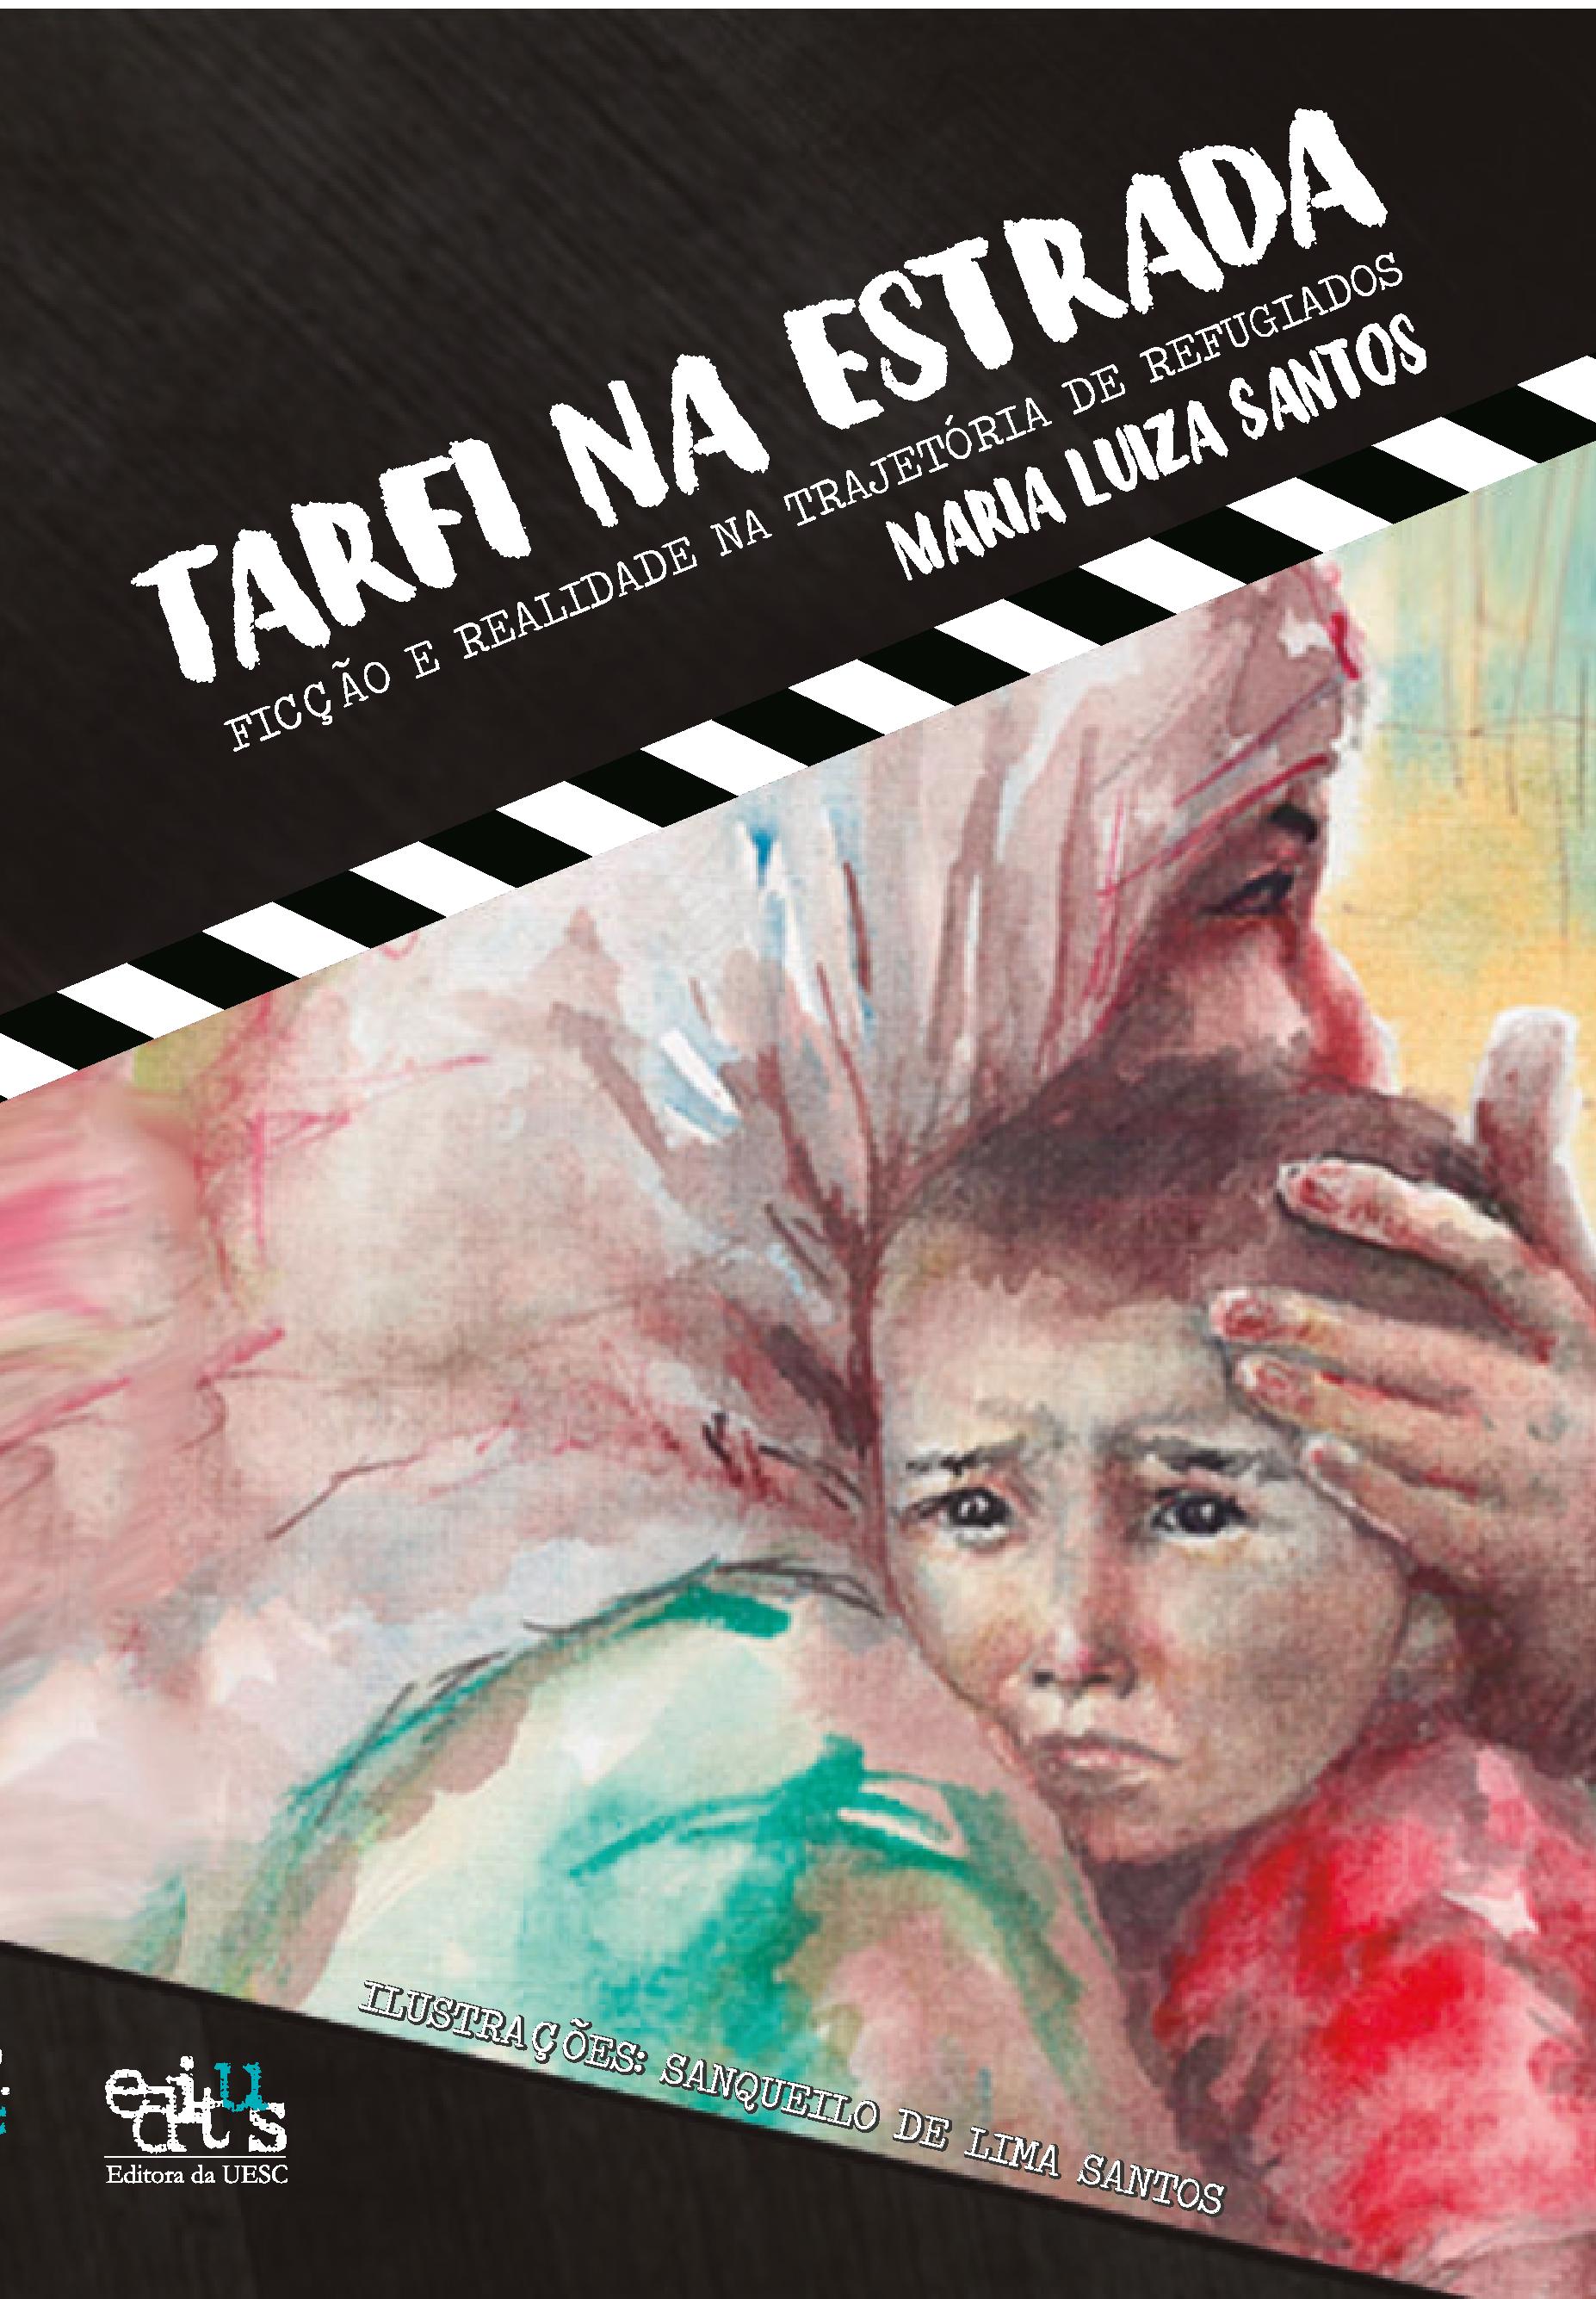 Tarfi na estrada. Ficção e realidade na trajetória de refugiados, livro de Maria Luiza Santos